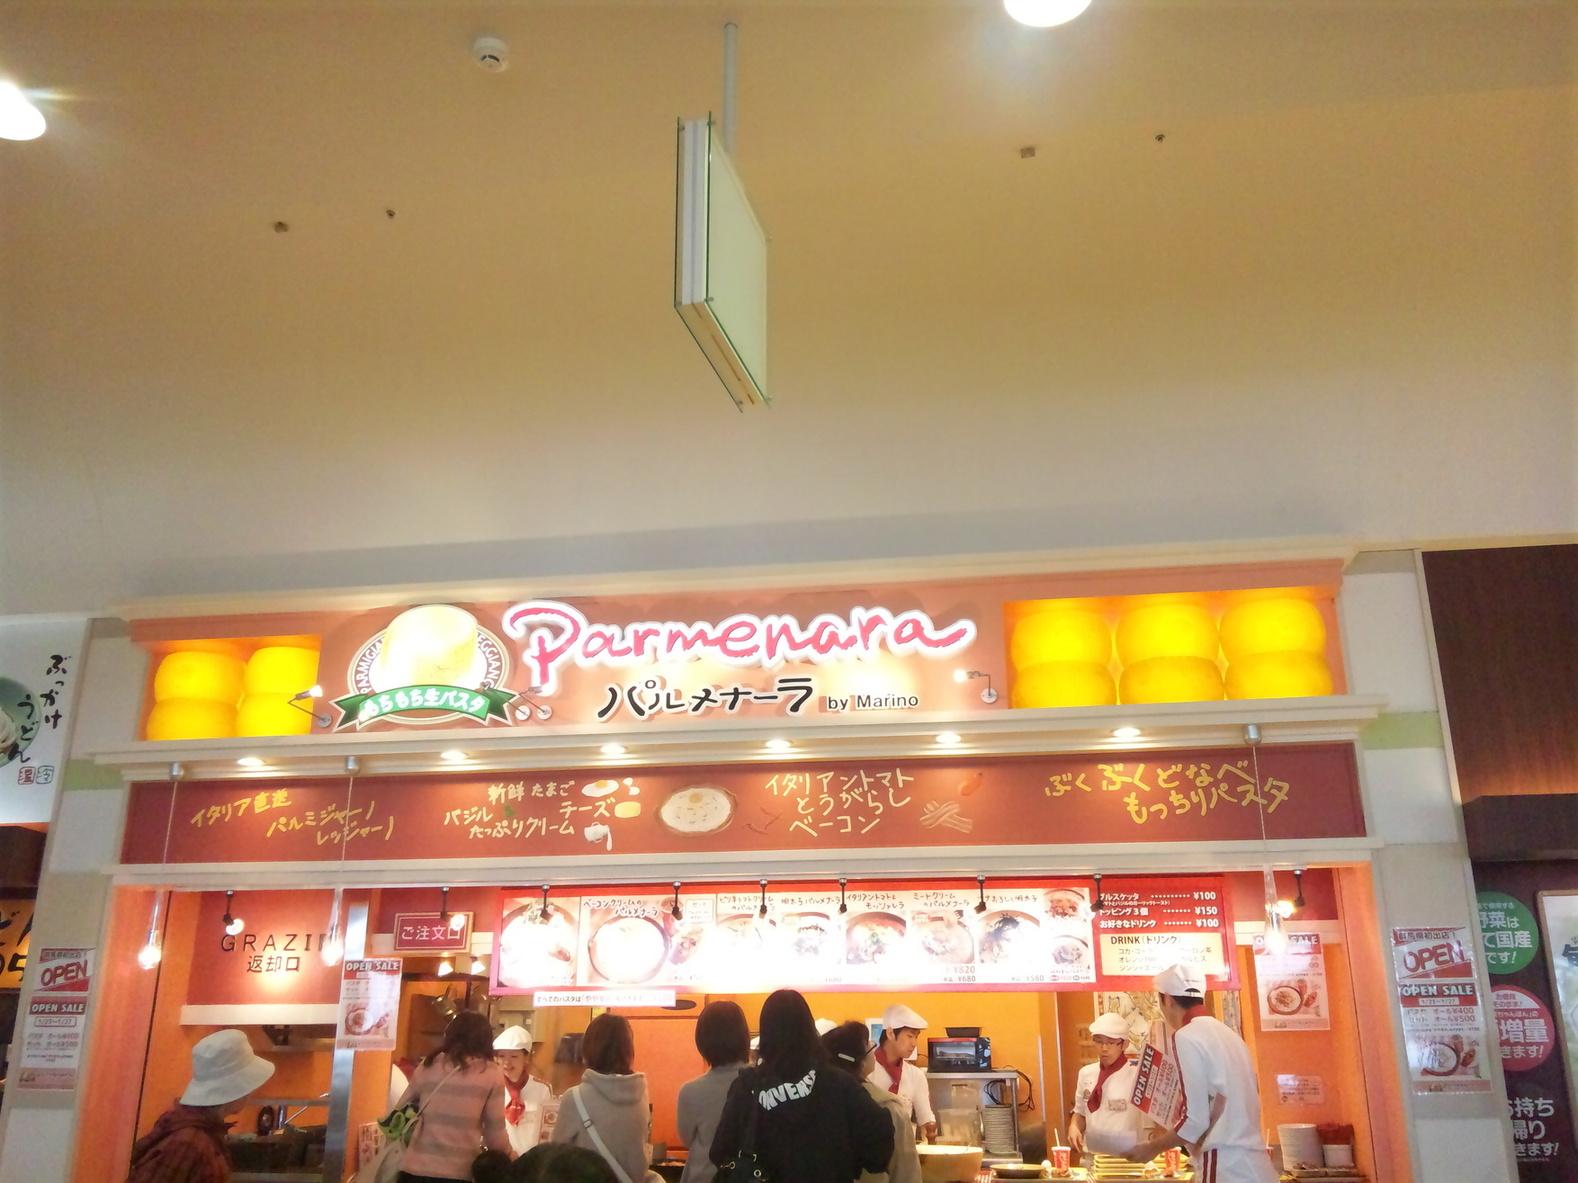 パルメナーラ イオンモール高崎店